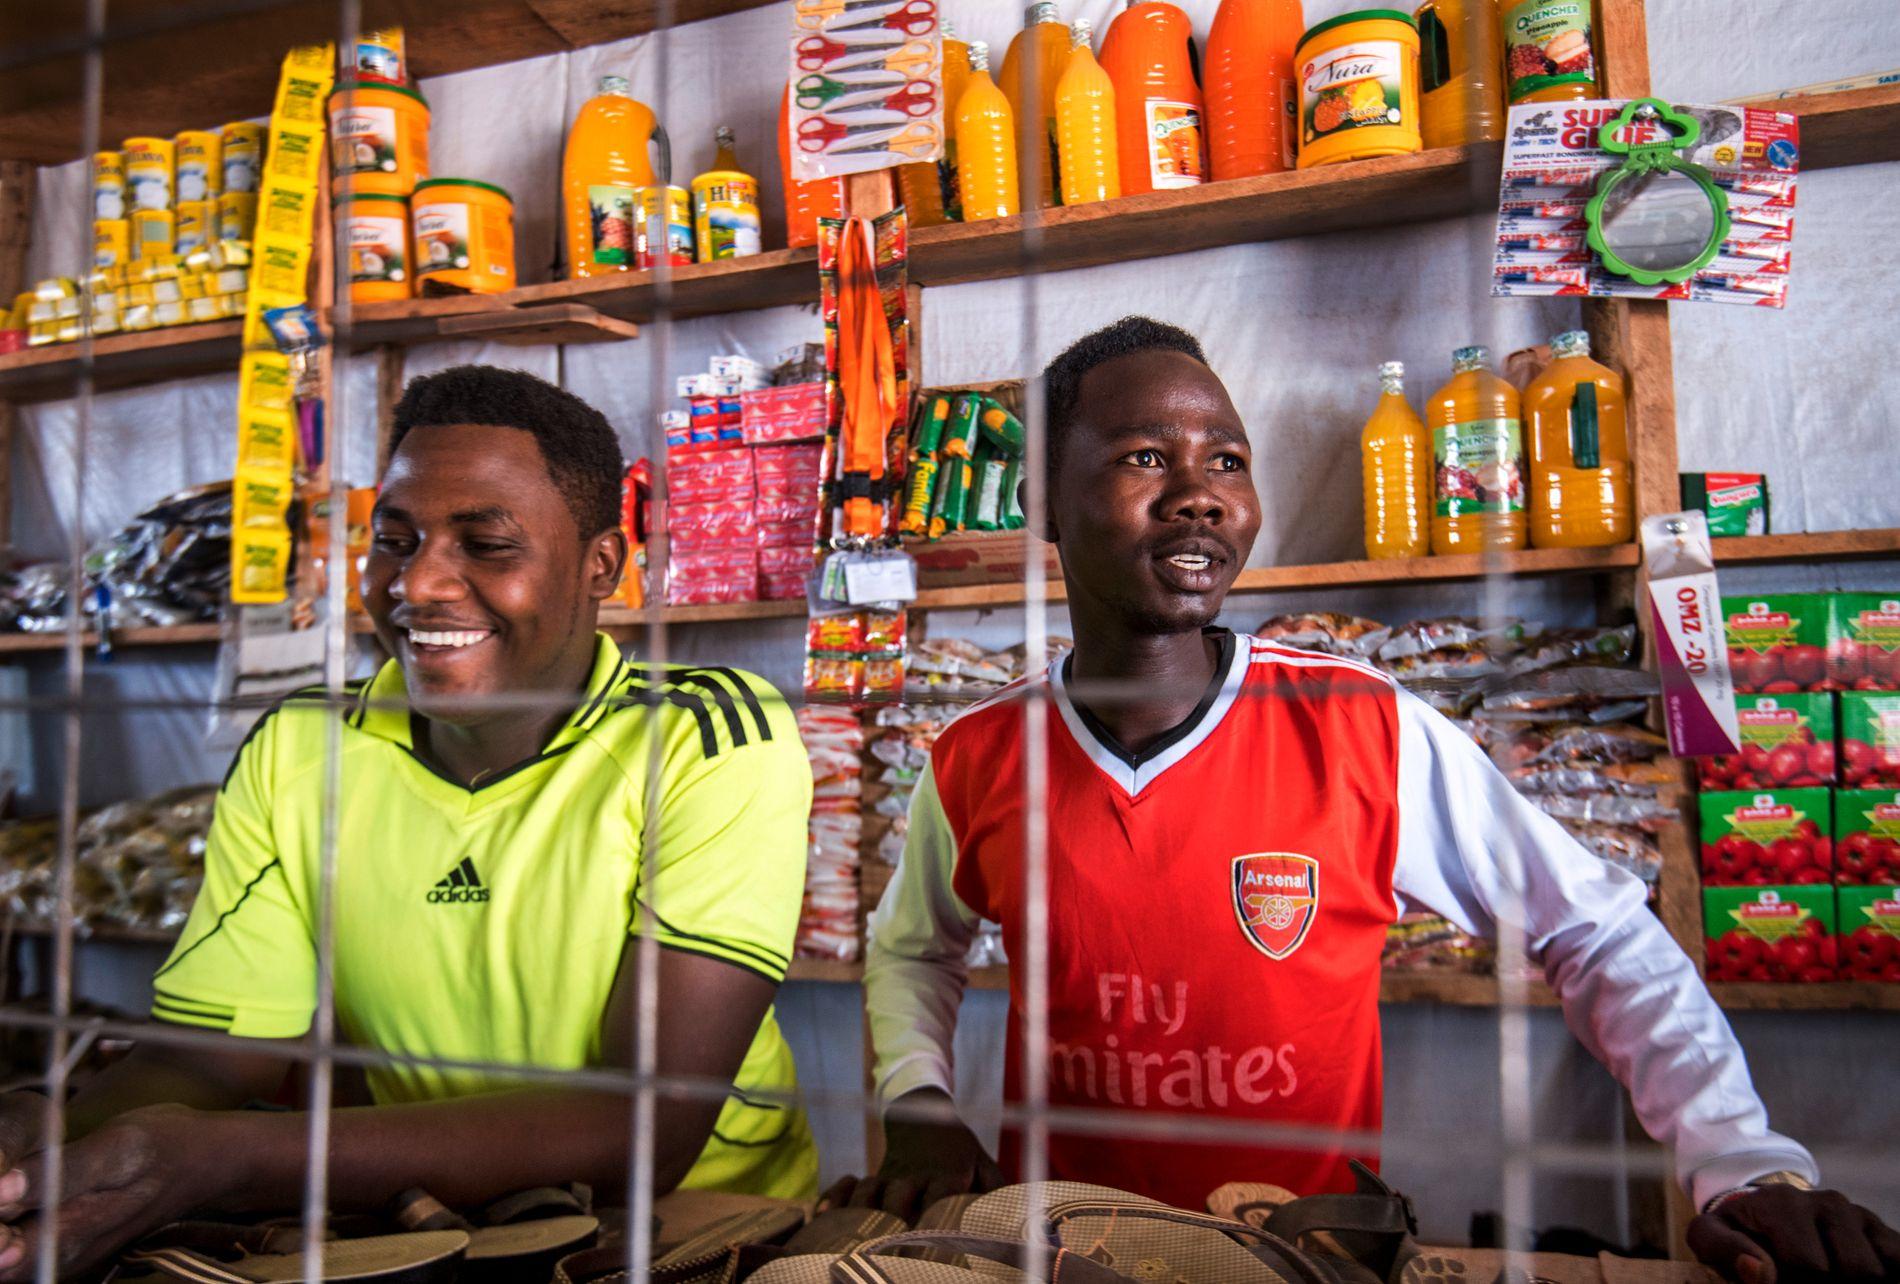 NY BUTIKK: Brødrene Kawaja og Nasir bygde denne butikken i Kakuma-leiren selv, med midler fra FN. De får ikke flytte butikken ut av leiren - eller jobbe utenfor - men selger ris, olje og sukker til de andre flyktningene og lokalbefolningen.